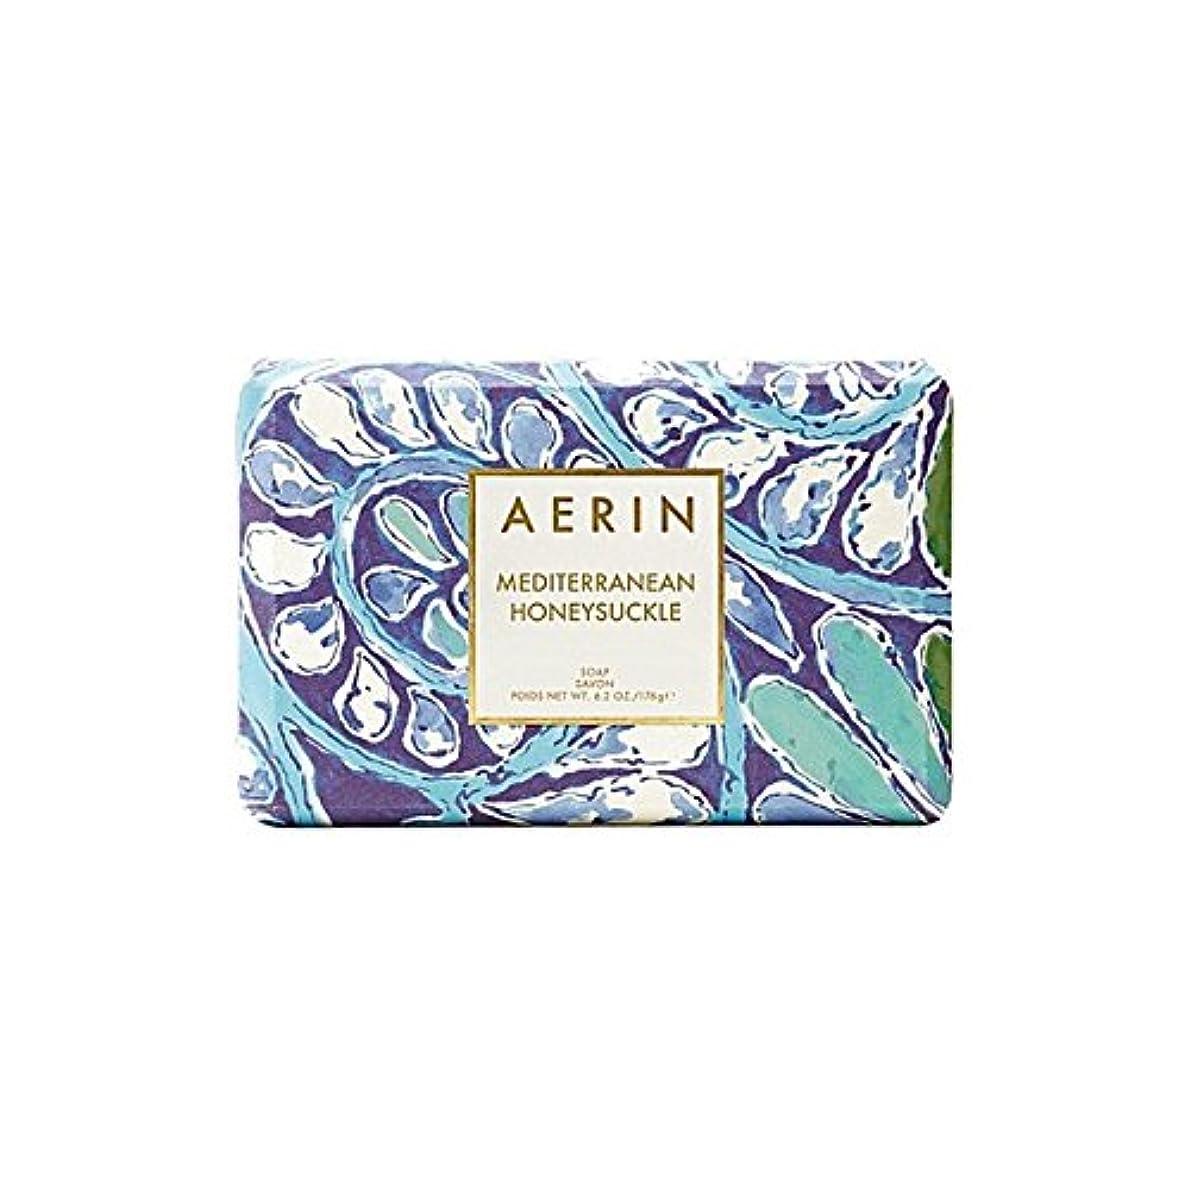 化合物教育冷凍庫Aerin Mediterrenean Honeysuckle Bar Soap 176G - スイカズラ固形石鹸176グラム [並行輸入品]